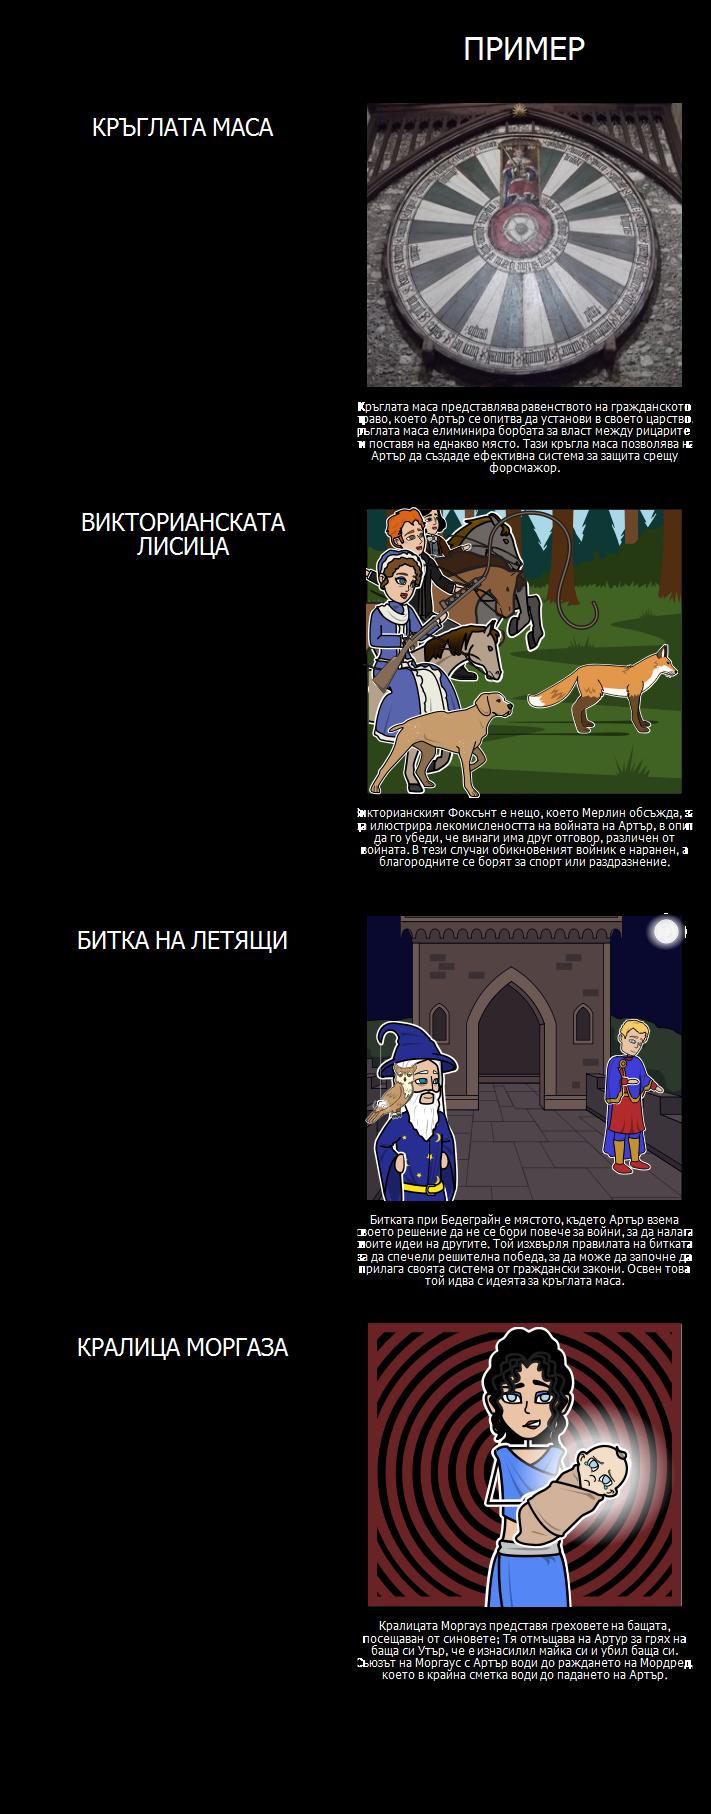 """TOAFK - символи и теми в """"Кралицата на въздуха и мрака"""""""